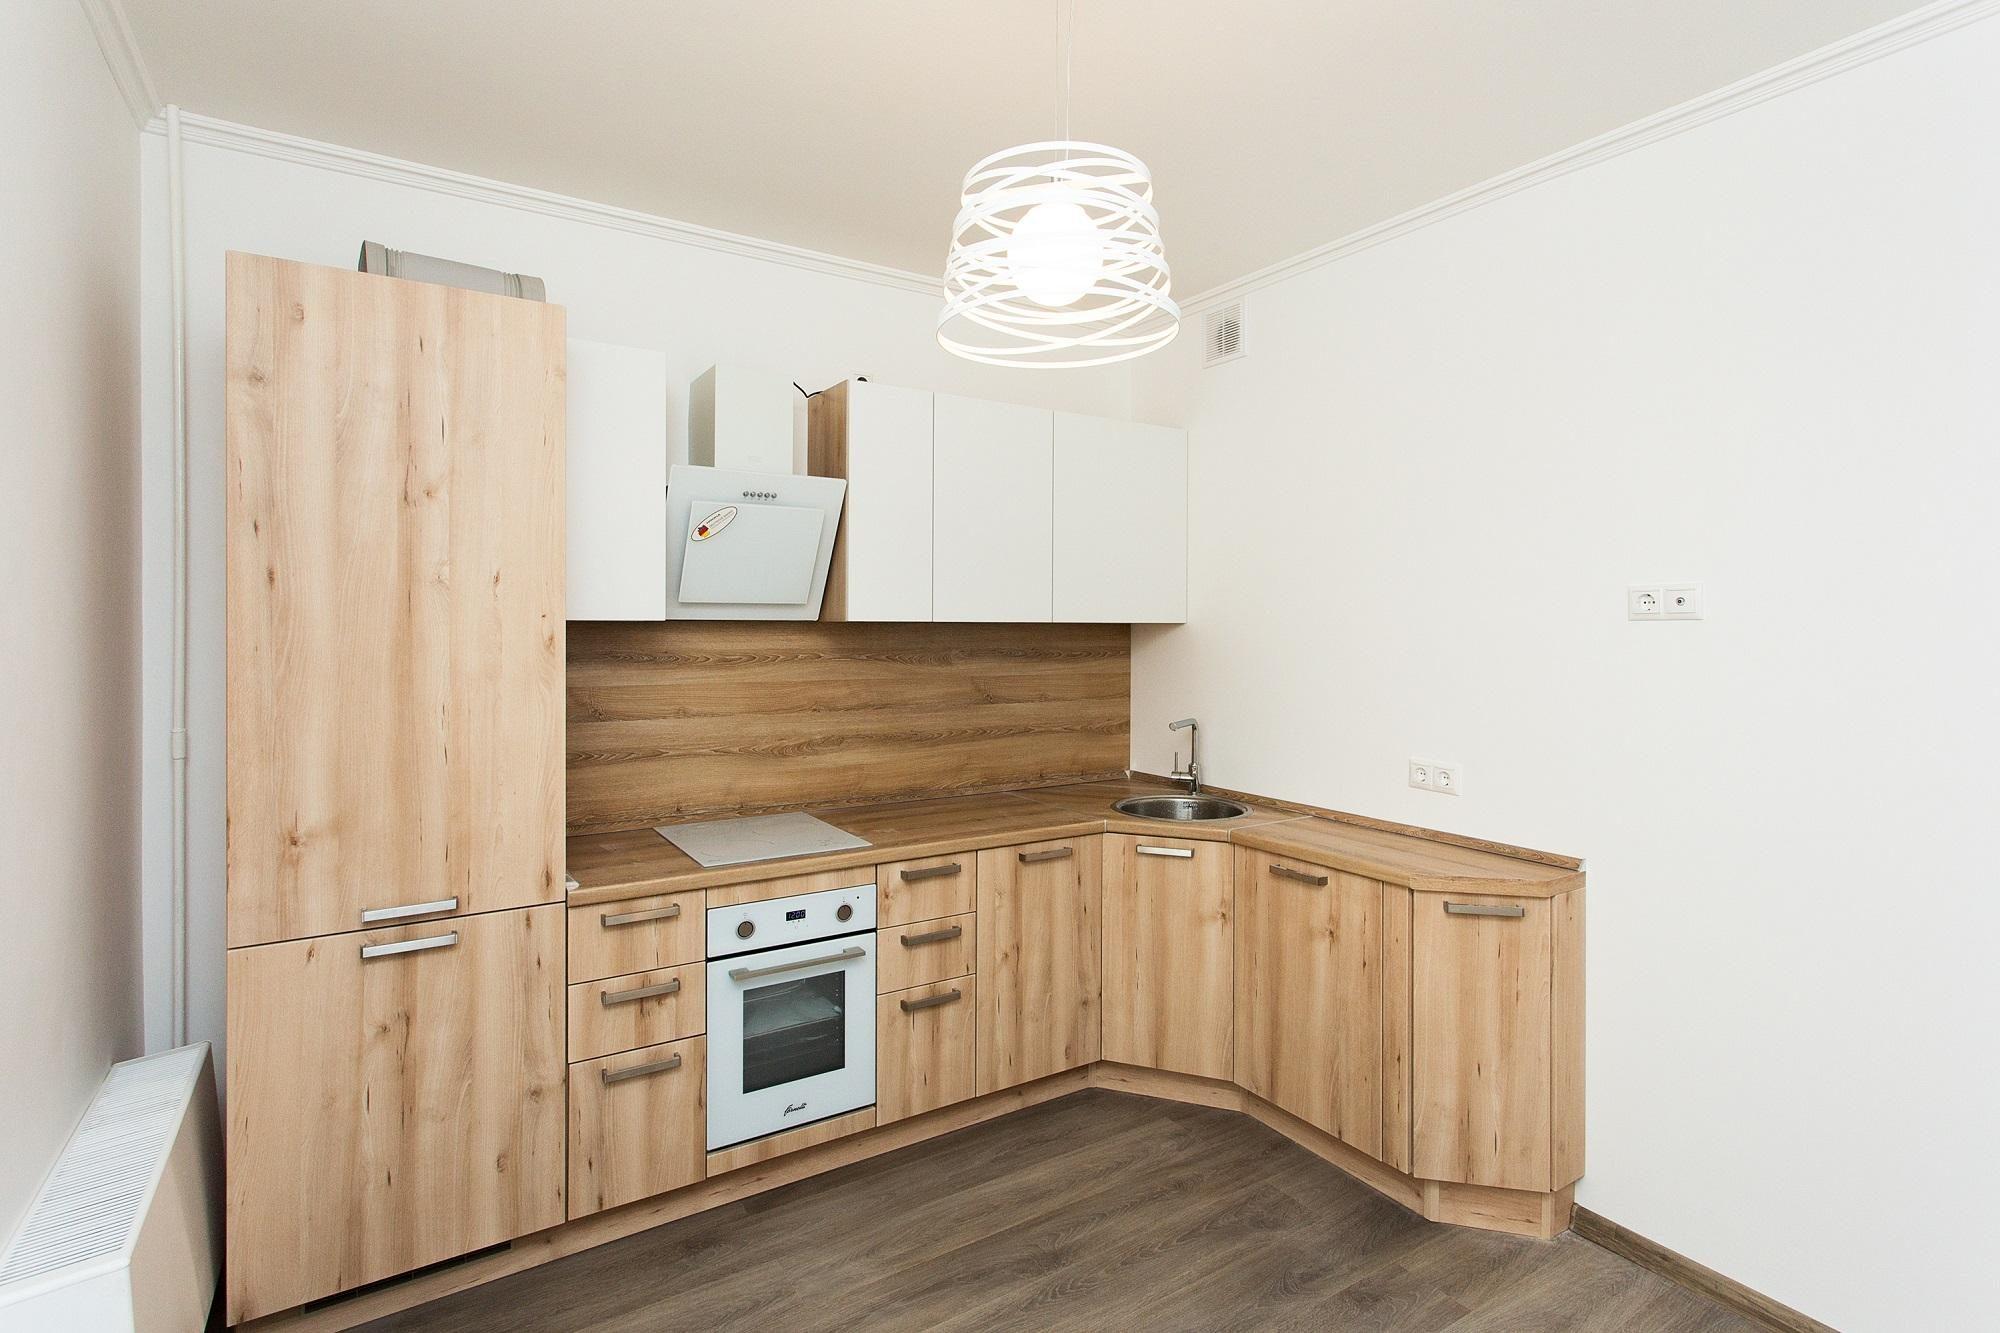 kitchen-1_1-2655227